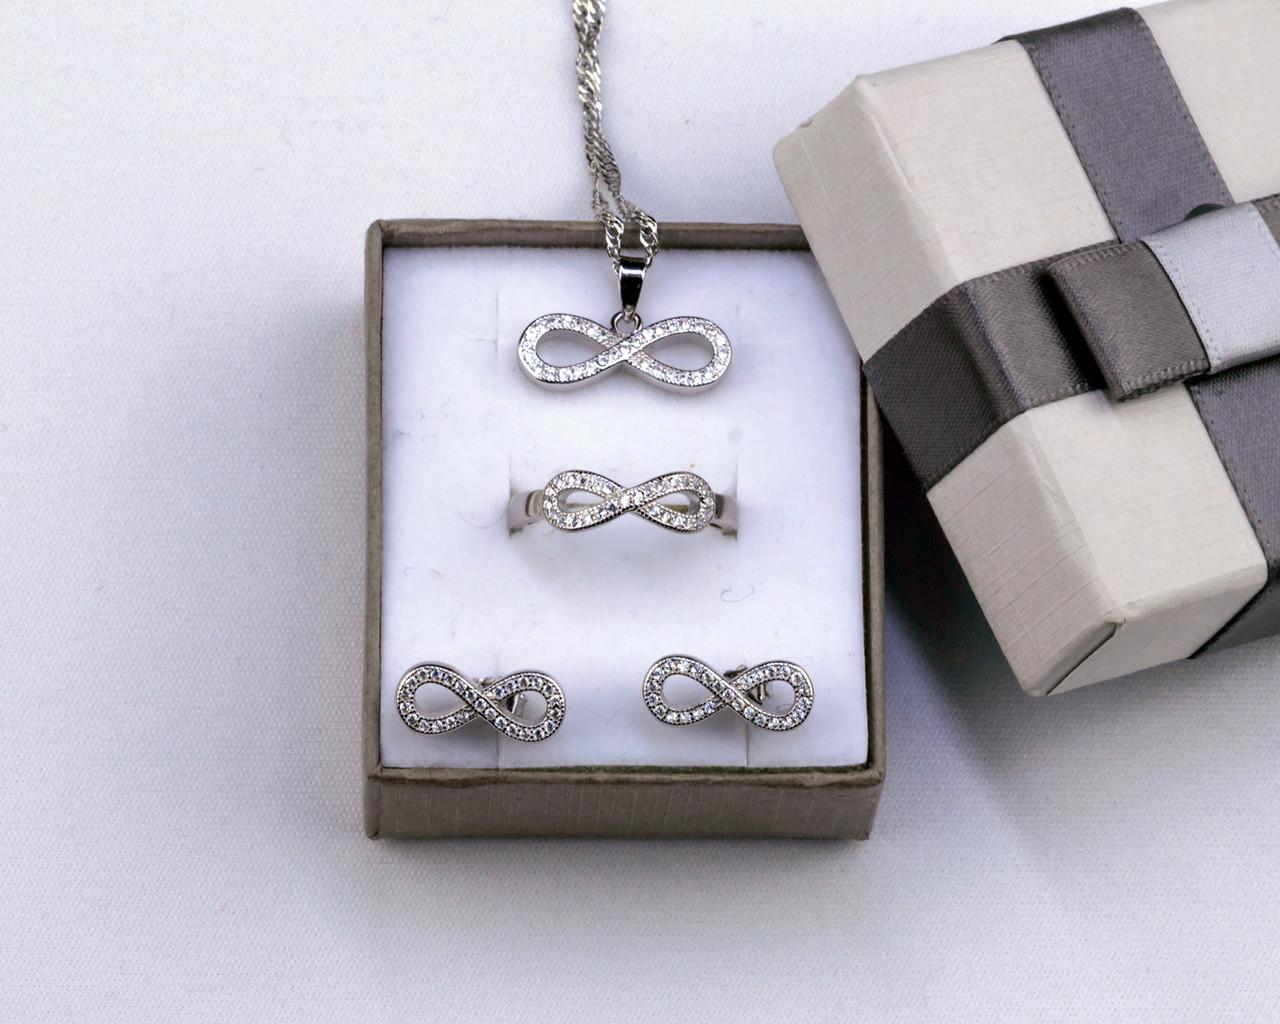 Комплект серебряных украшений Бесконечность с фианитами серьги, кулон, кольцо, цепочка